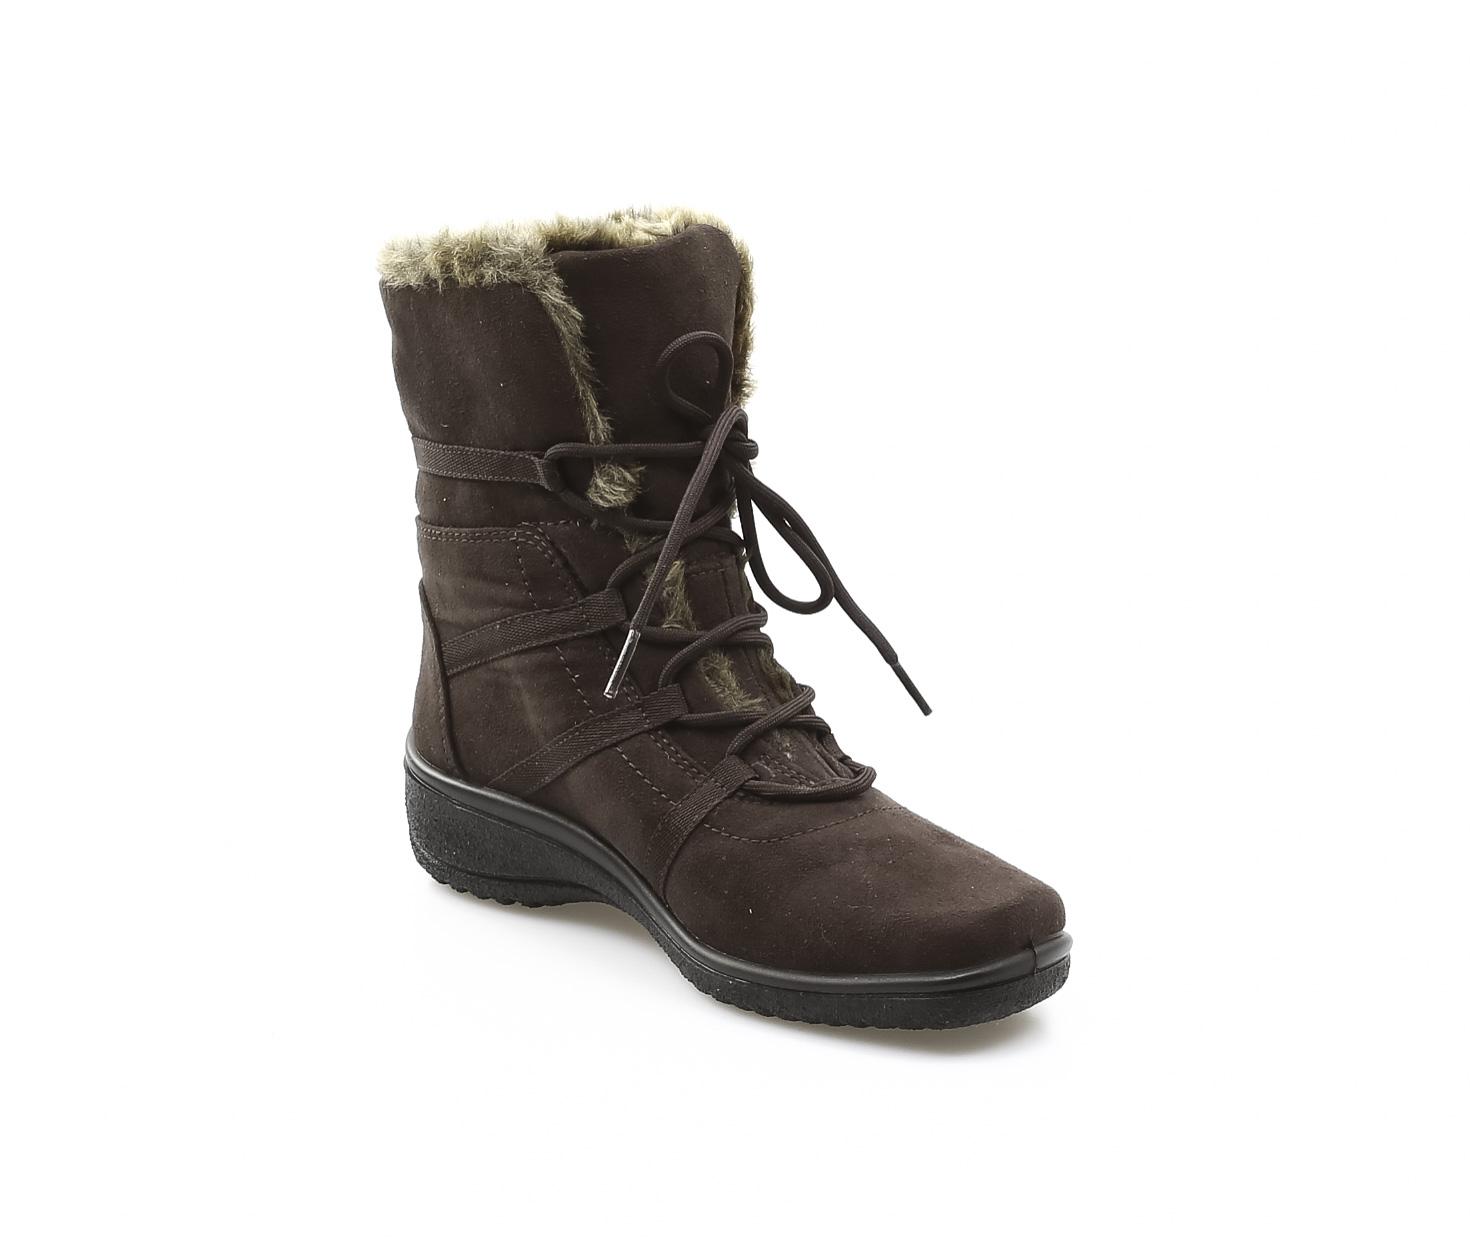 cacb0e4ebabb ARA - Kotníčky - Dámska obuv šnurovacia zateplená